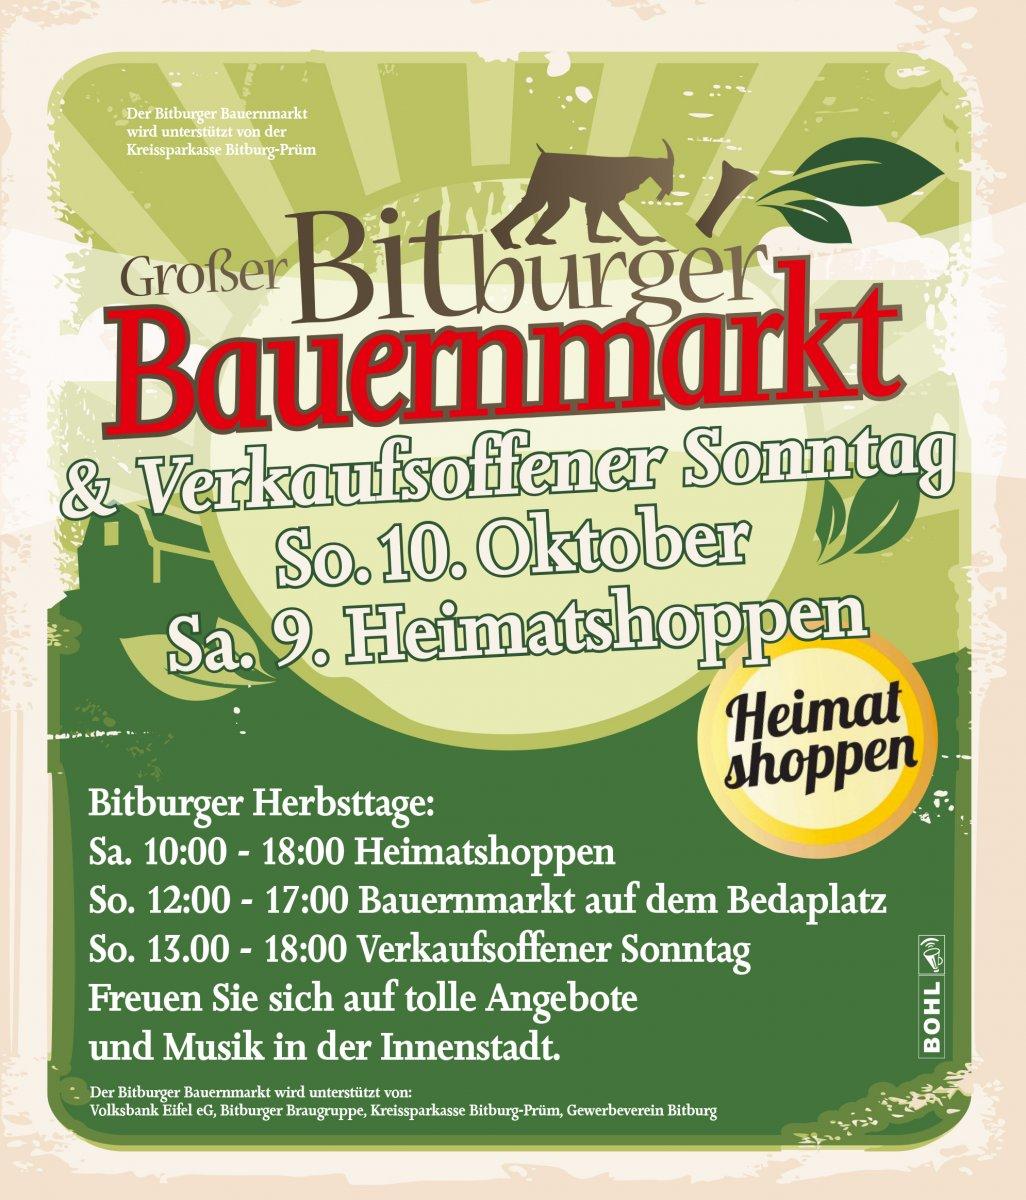 Sa. 04. Sept. Bitburger Gäßestrepperfest mit verkaufsoffenem Sonntag am 05. Sept. An beiden Tagen werden in der Innenstadt Musik, Kinderunterhaltung und gastronomische Angebote zu erleben sein.